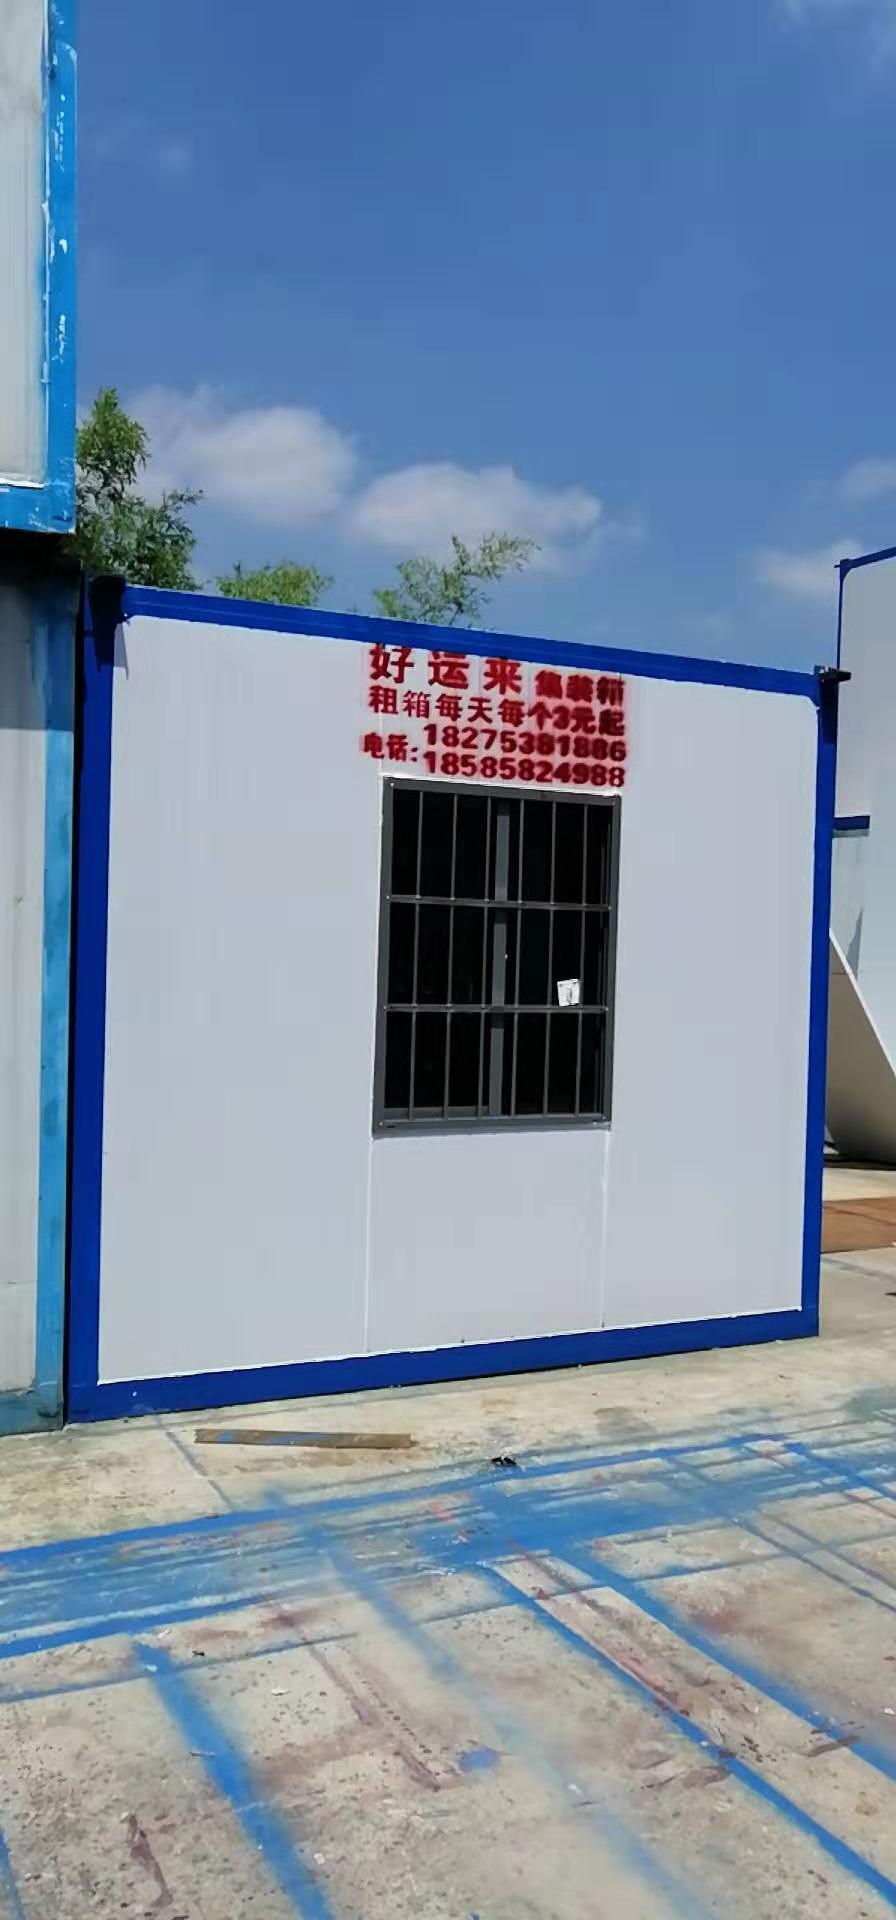 安顺贵州哪里有集装箱出租